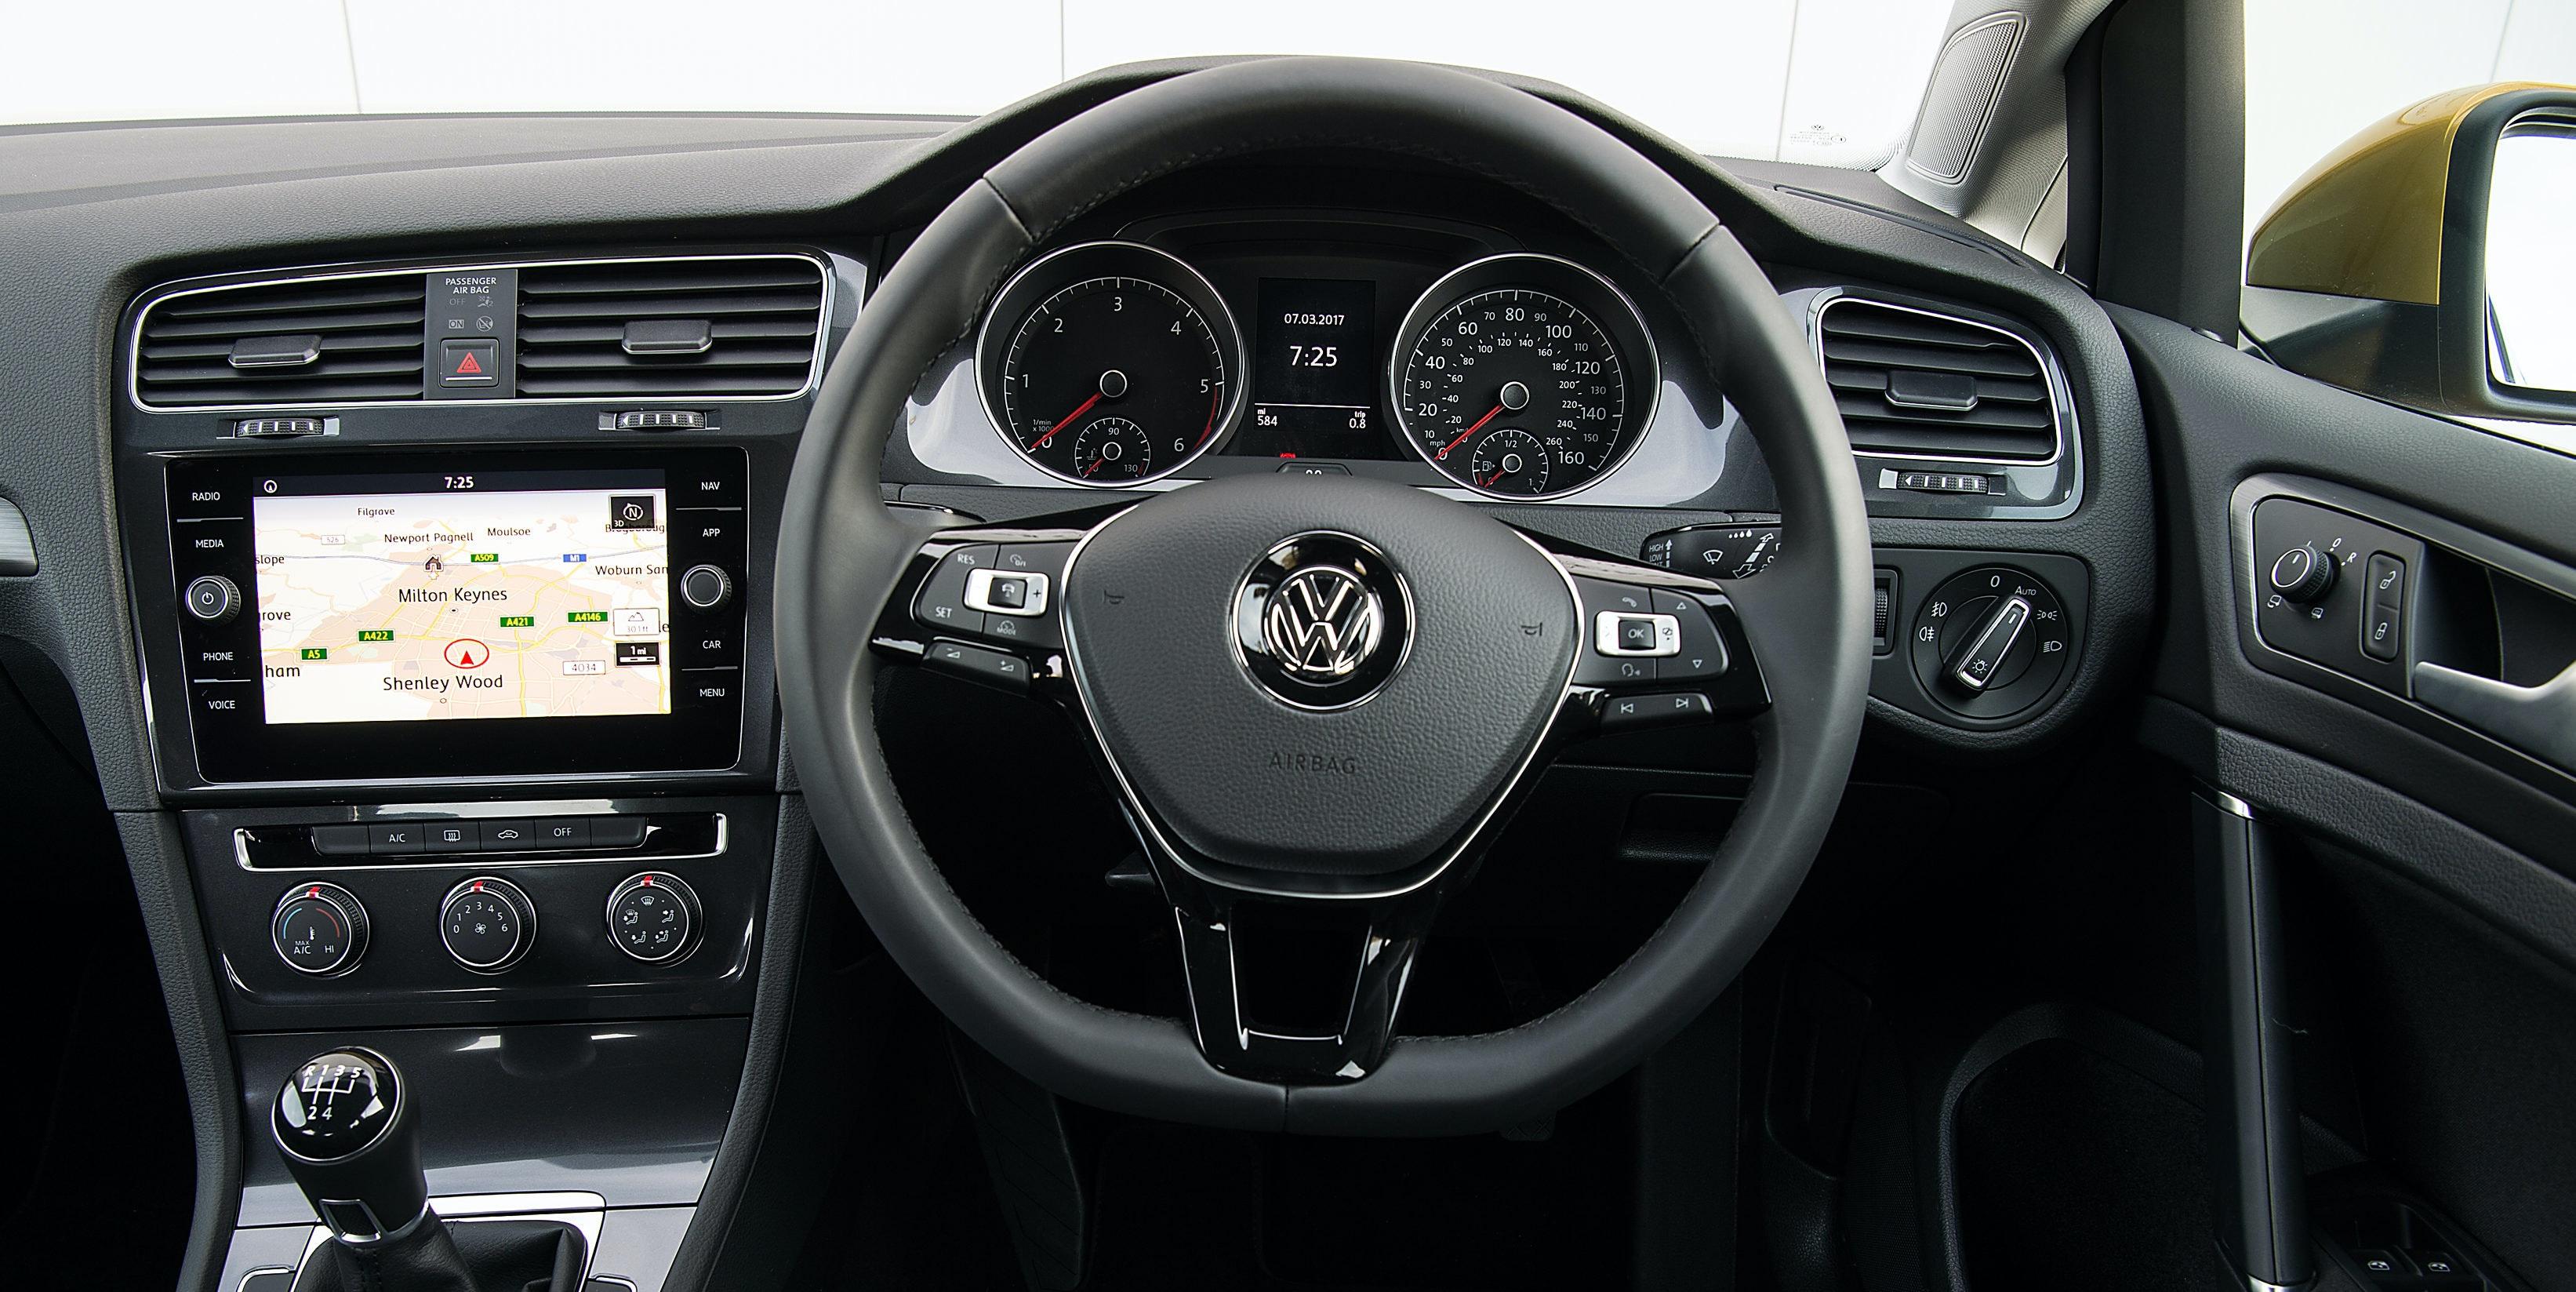 Volkswagen Golf Interior U0026 Infotainment | Carwow Home Design Ideas